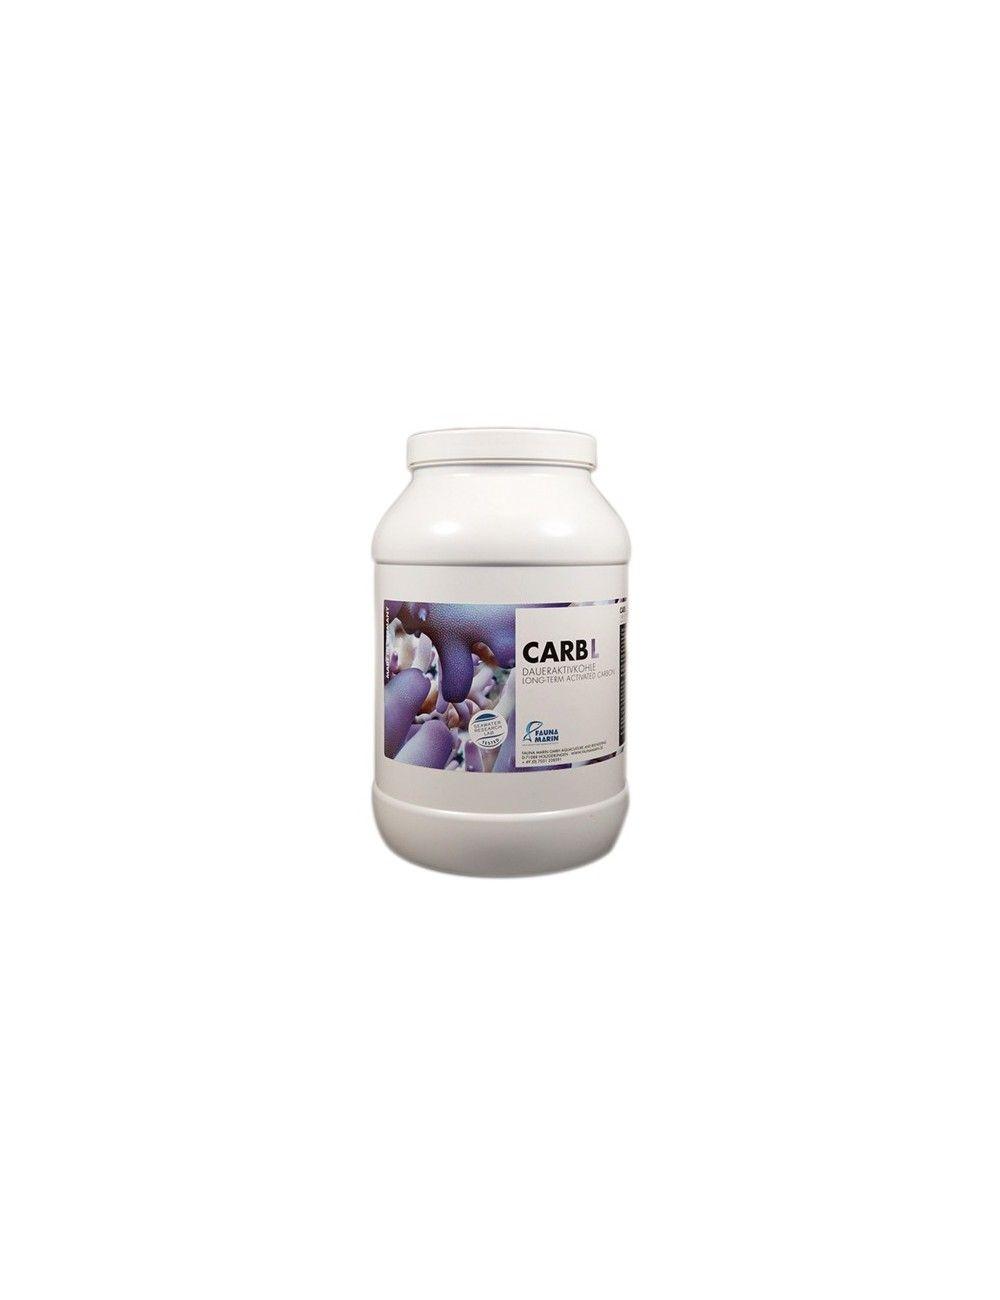 FAUNA MARIN - Ultra Carb L - 2000ml - Charbon actif pour aquarium